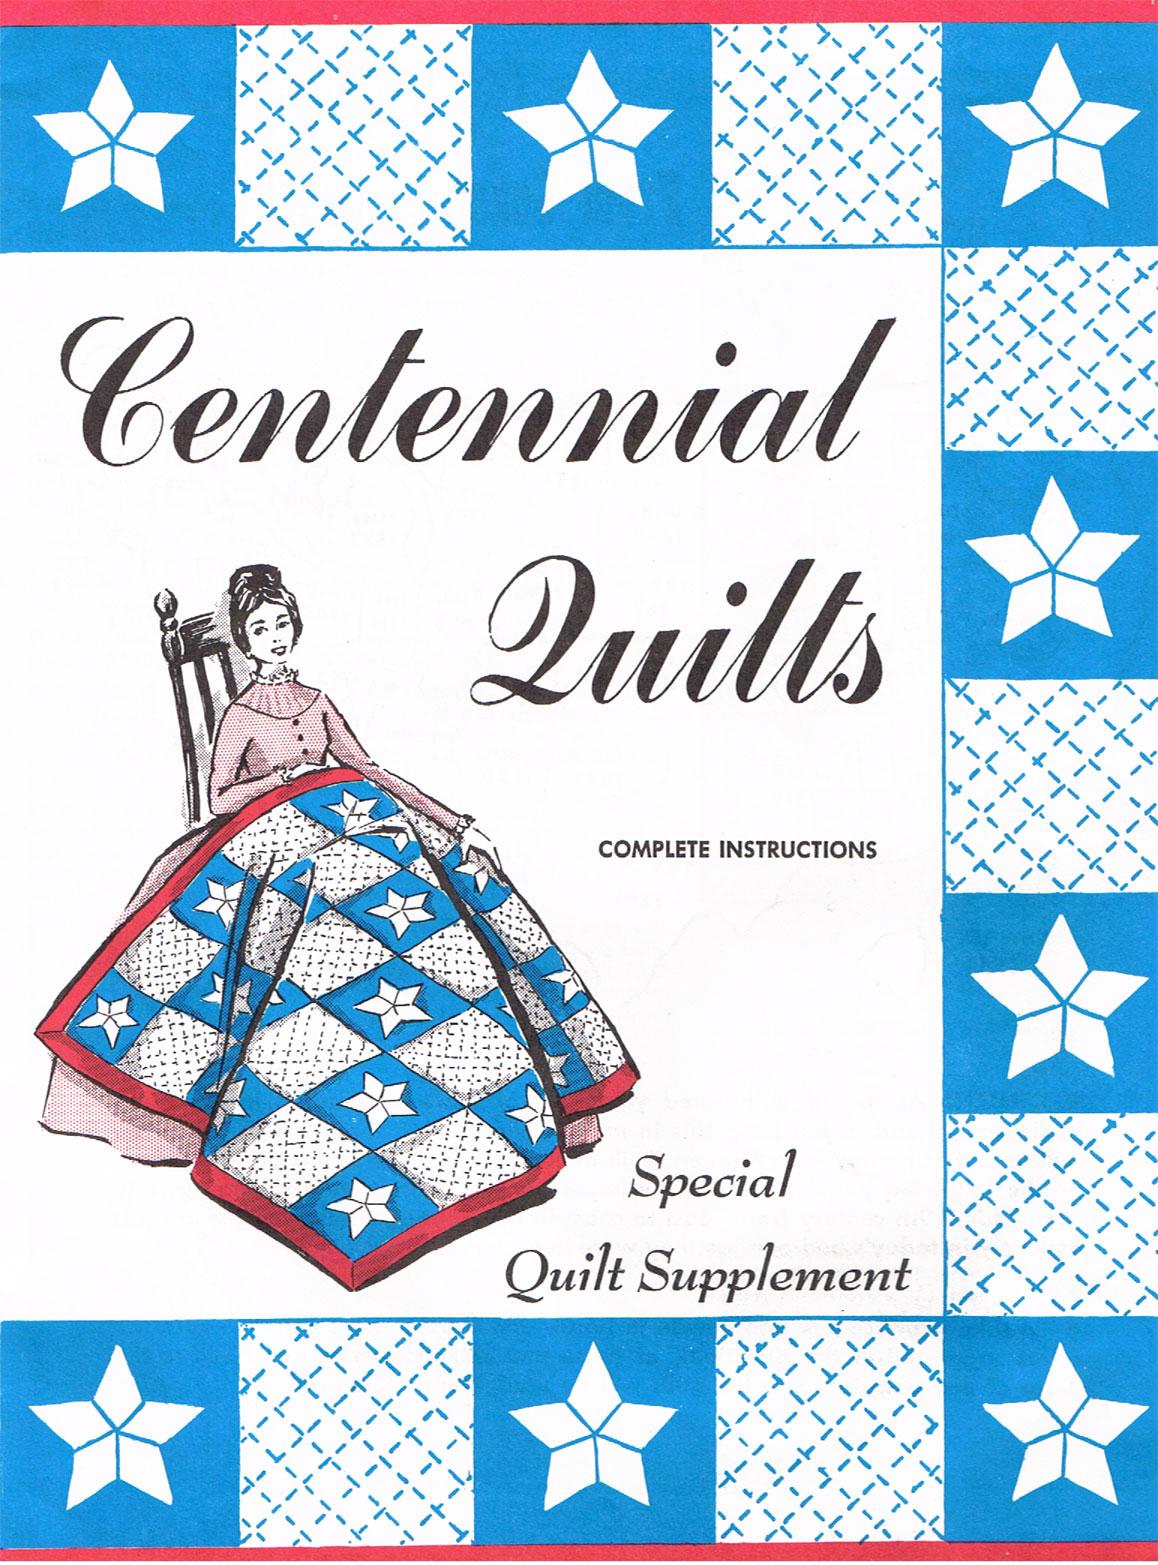 qisforquilter.com-Centennial-Quilts-1